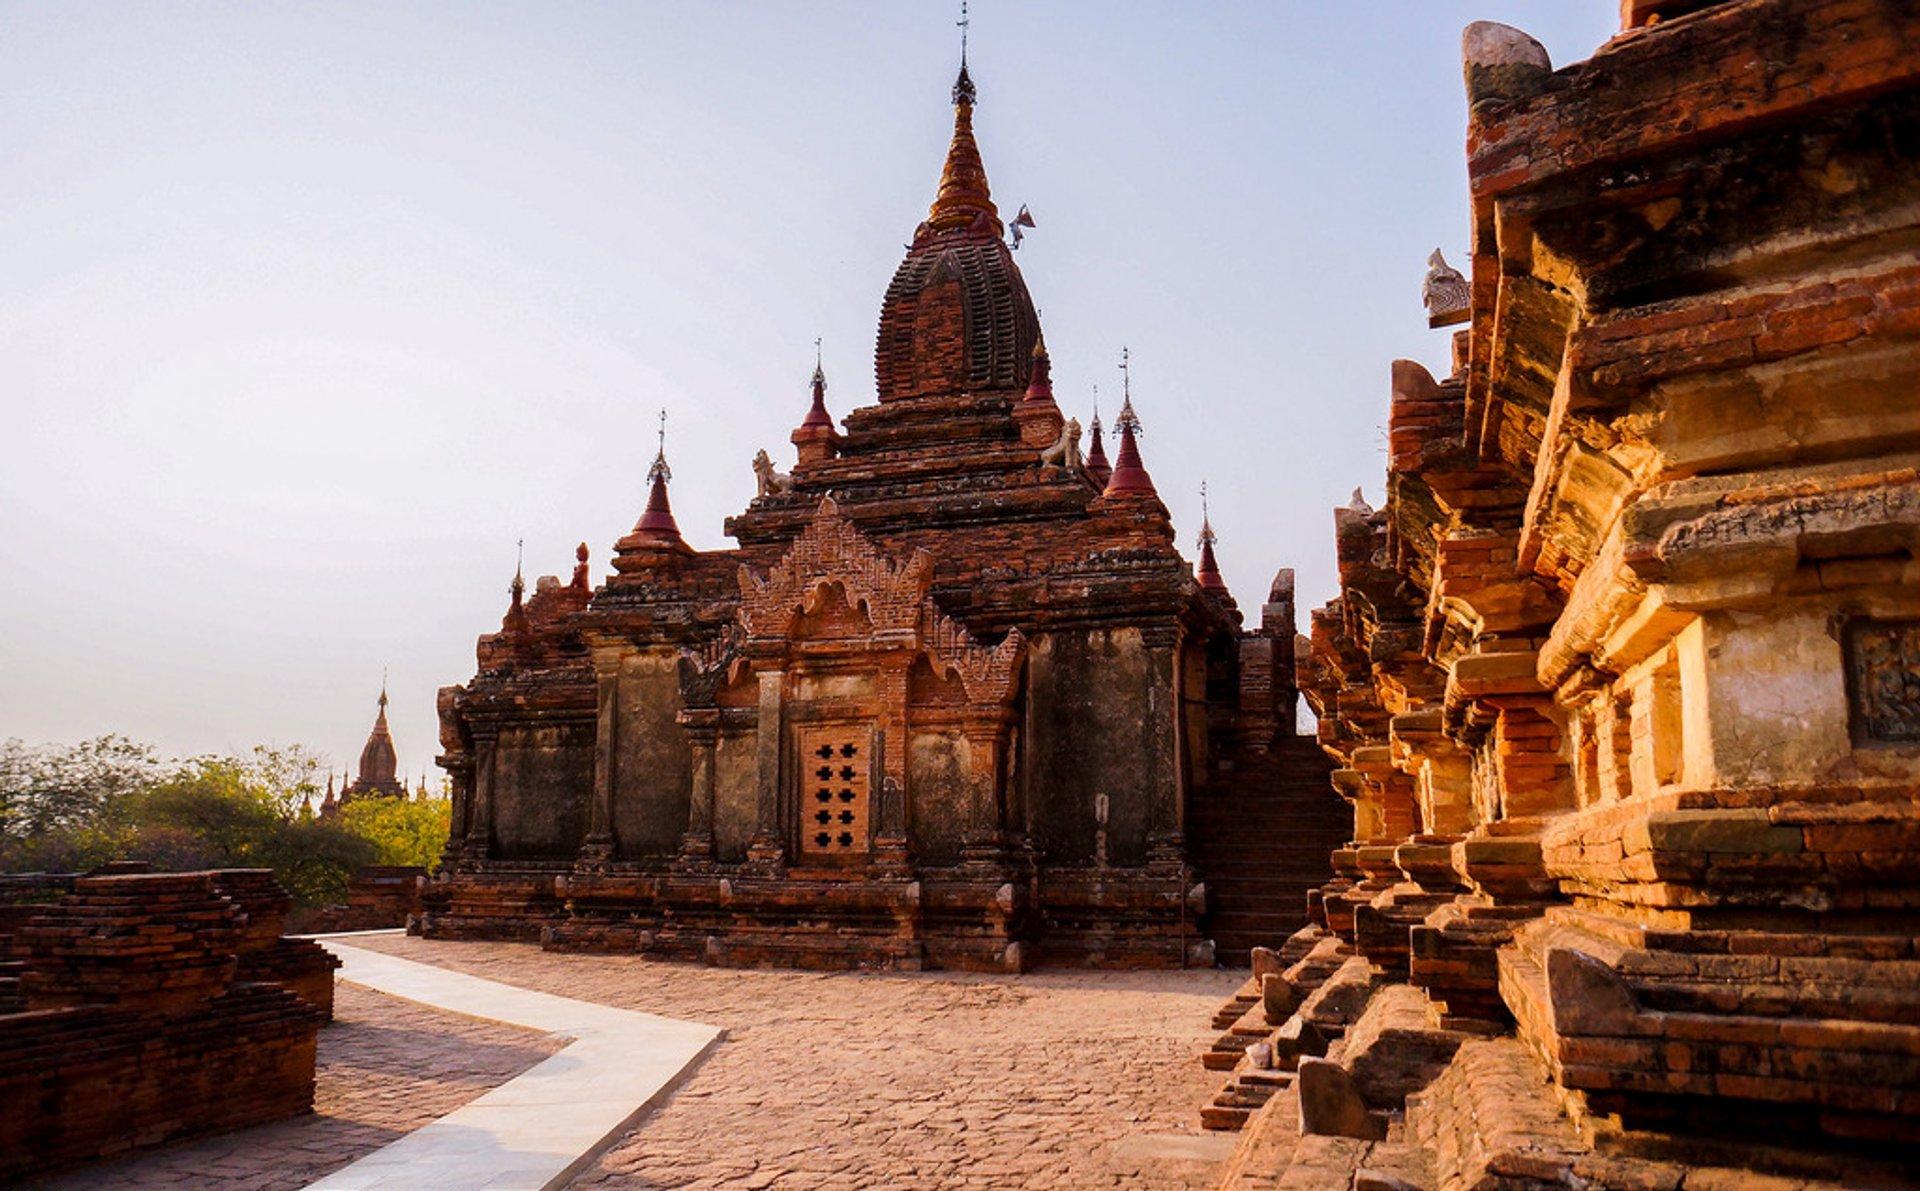 Old Bagan 2020